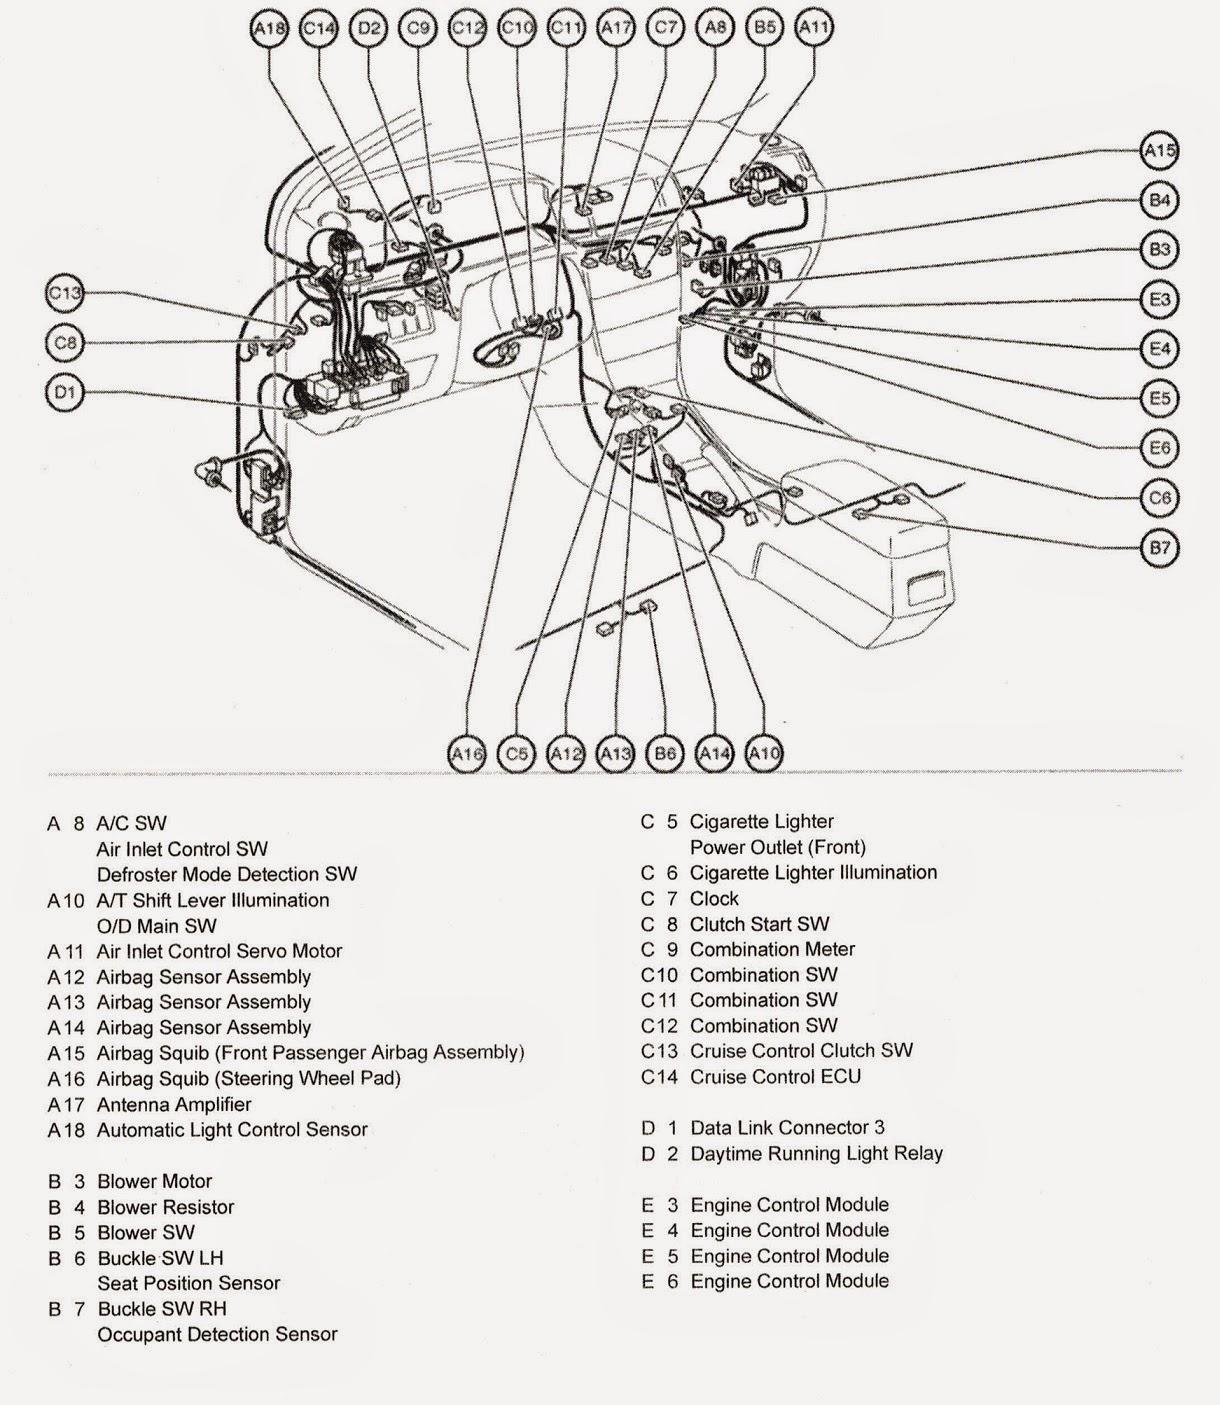 toyota diagrama de cableado estructurado